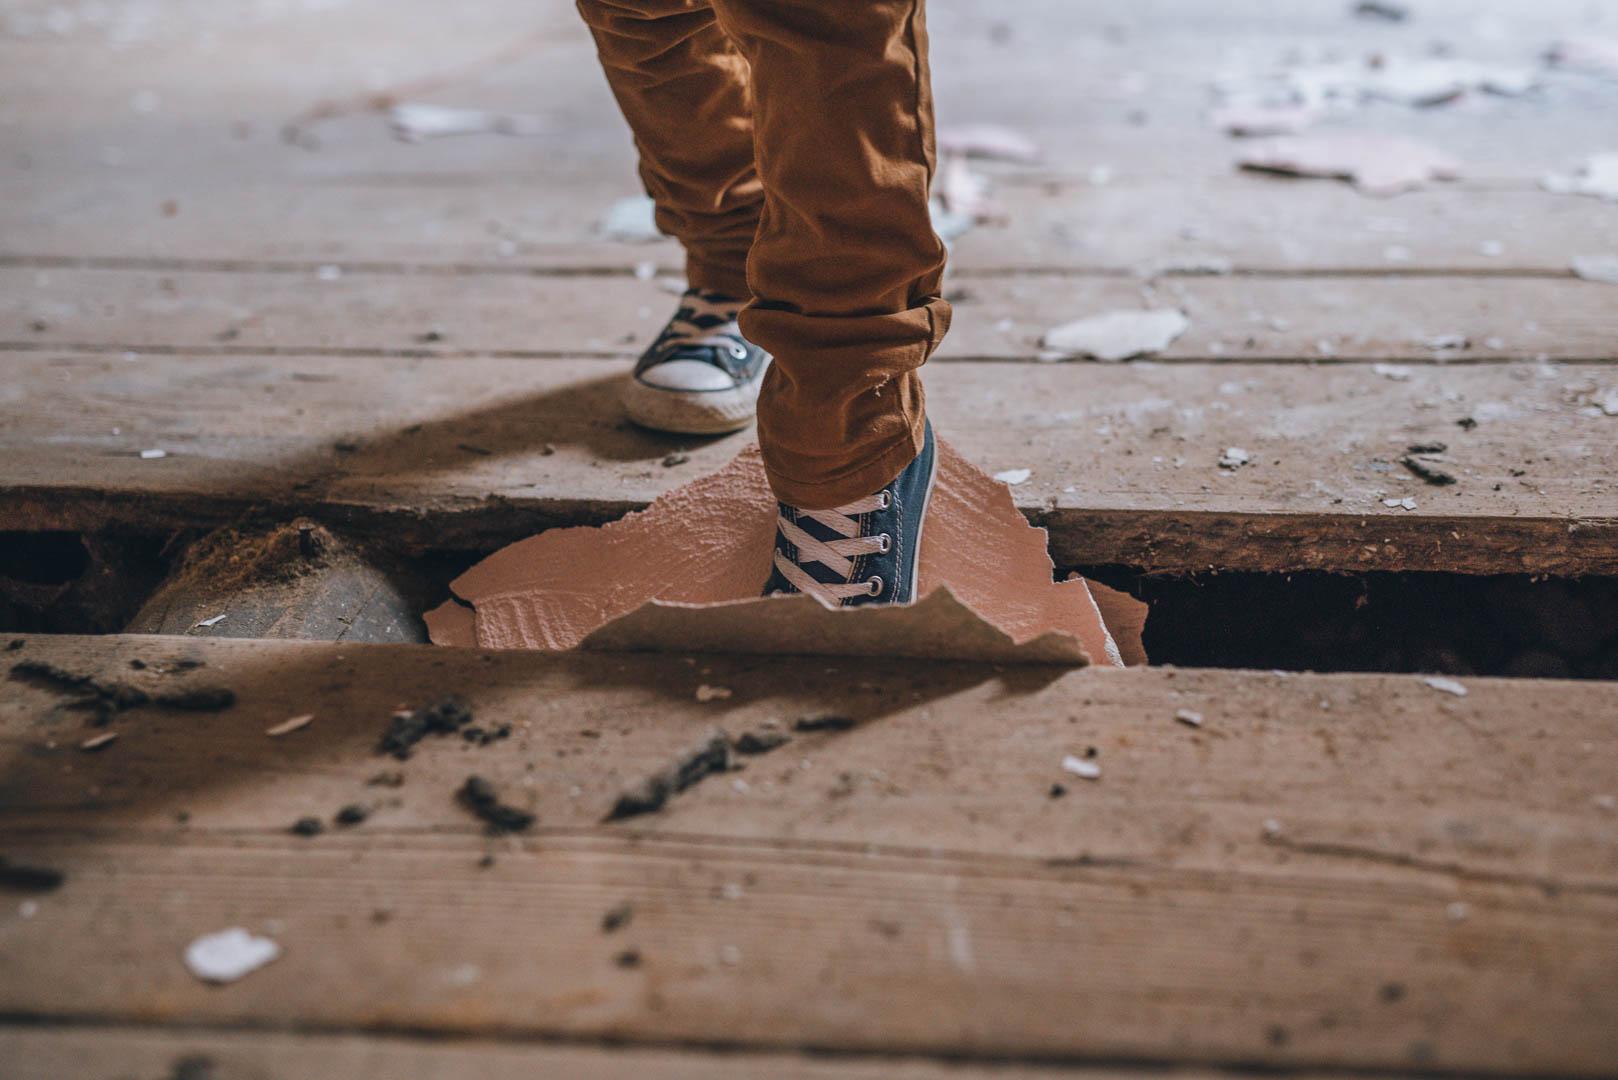 Kinderportrait Schuh tritt in Bodenspalte